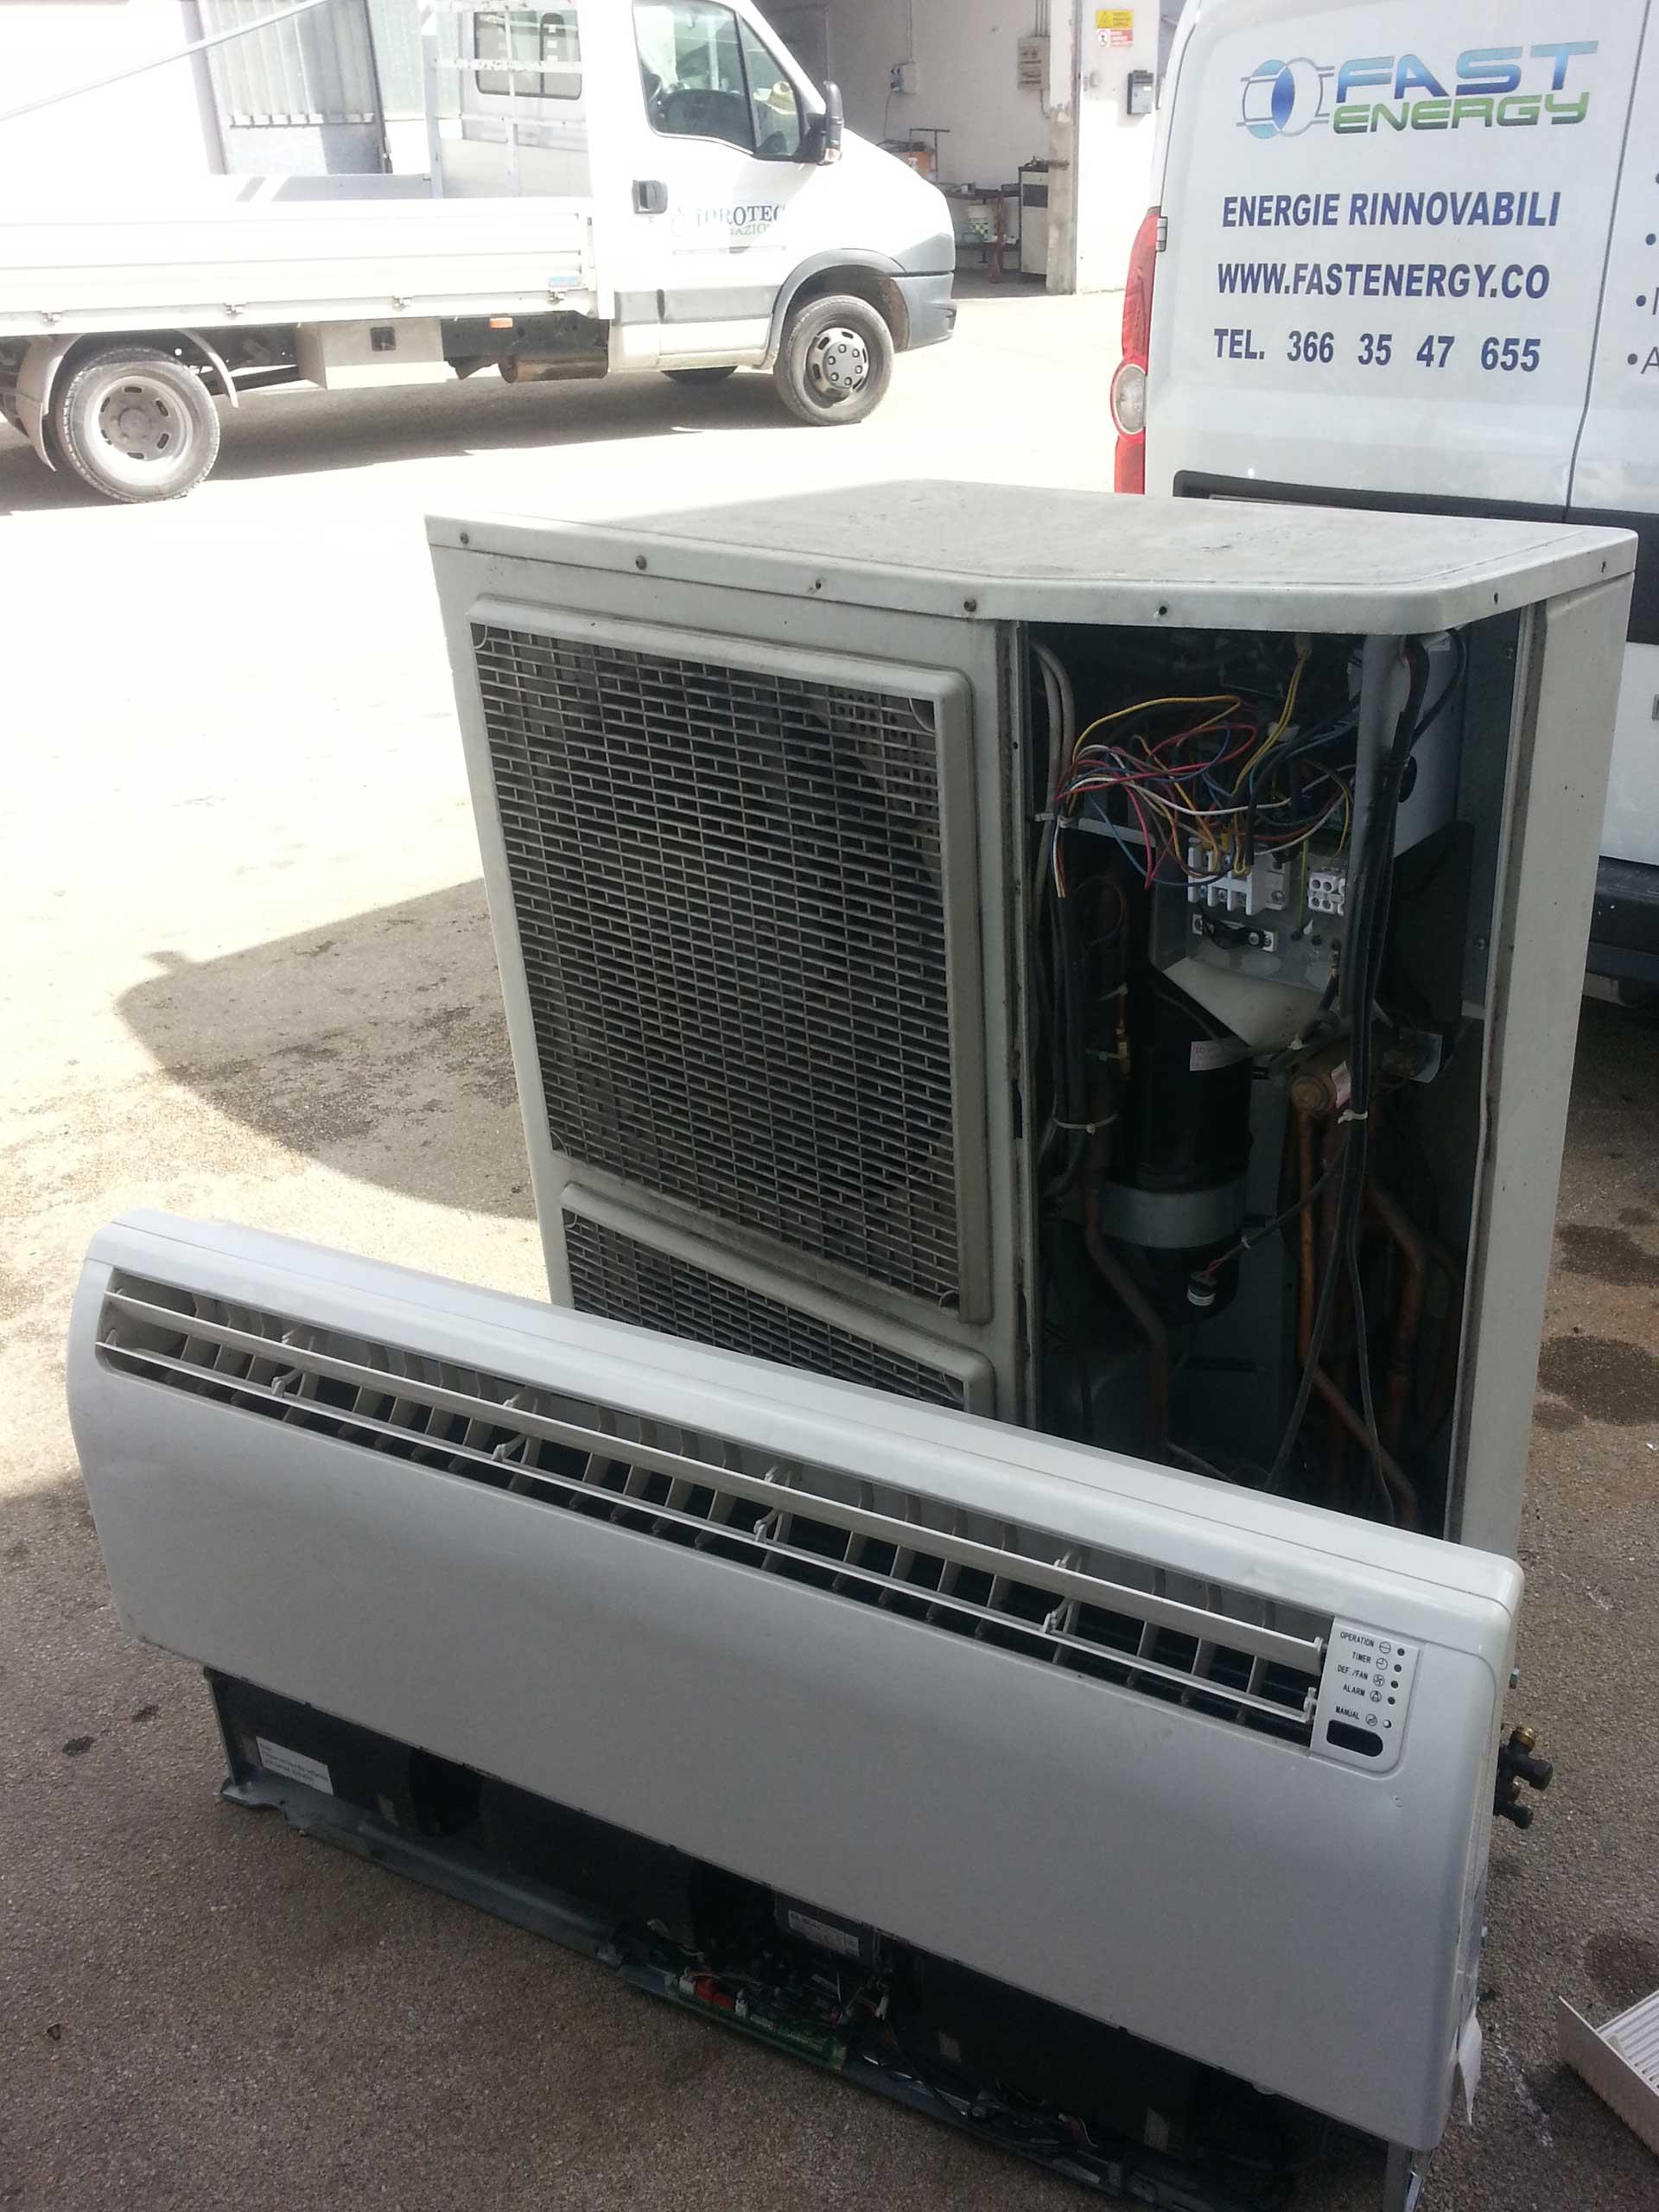 Sostituzione-pompa-di-calore-fast-energy